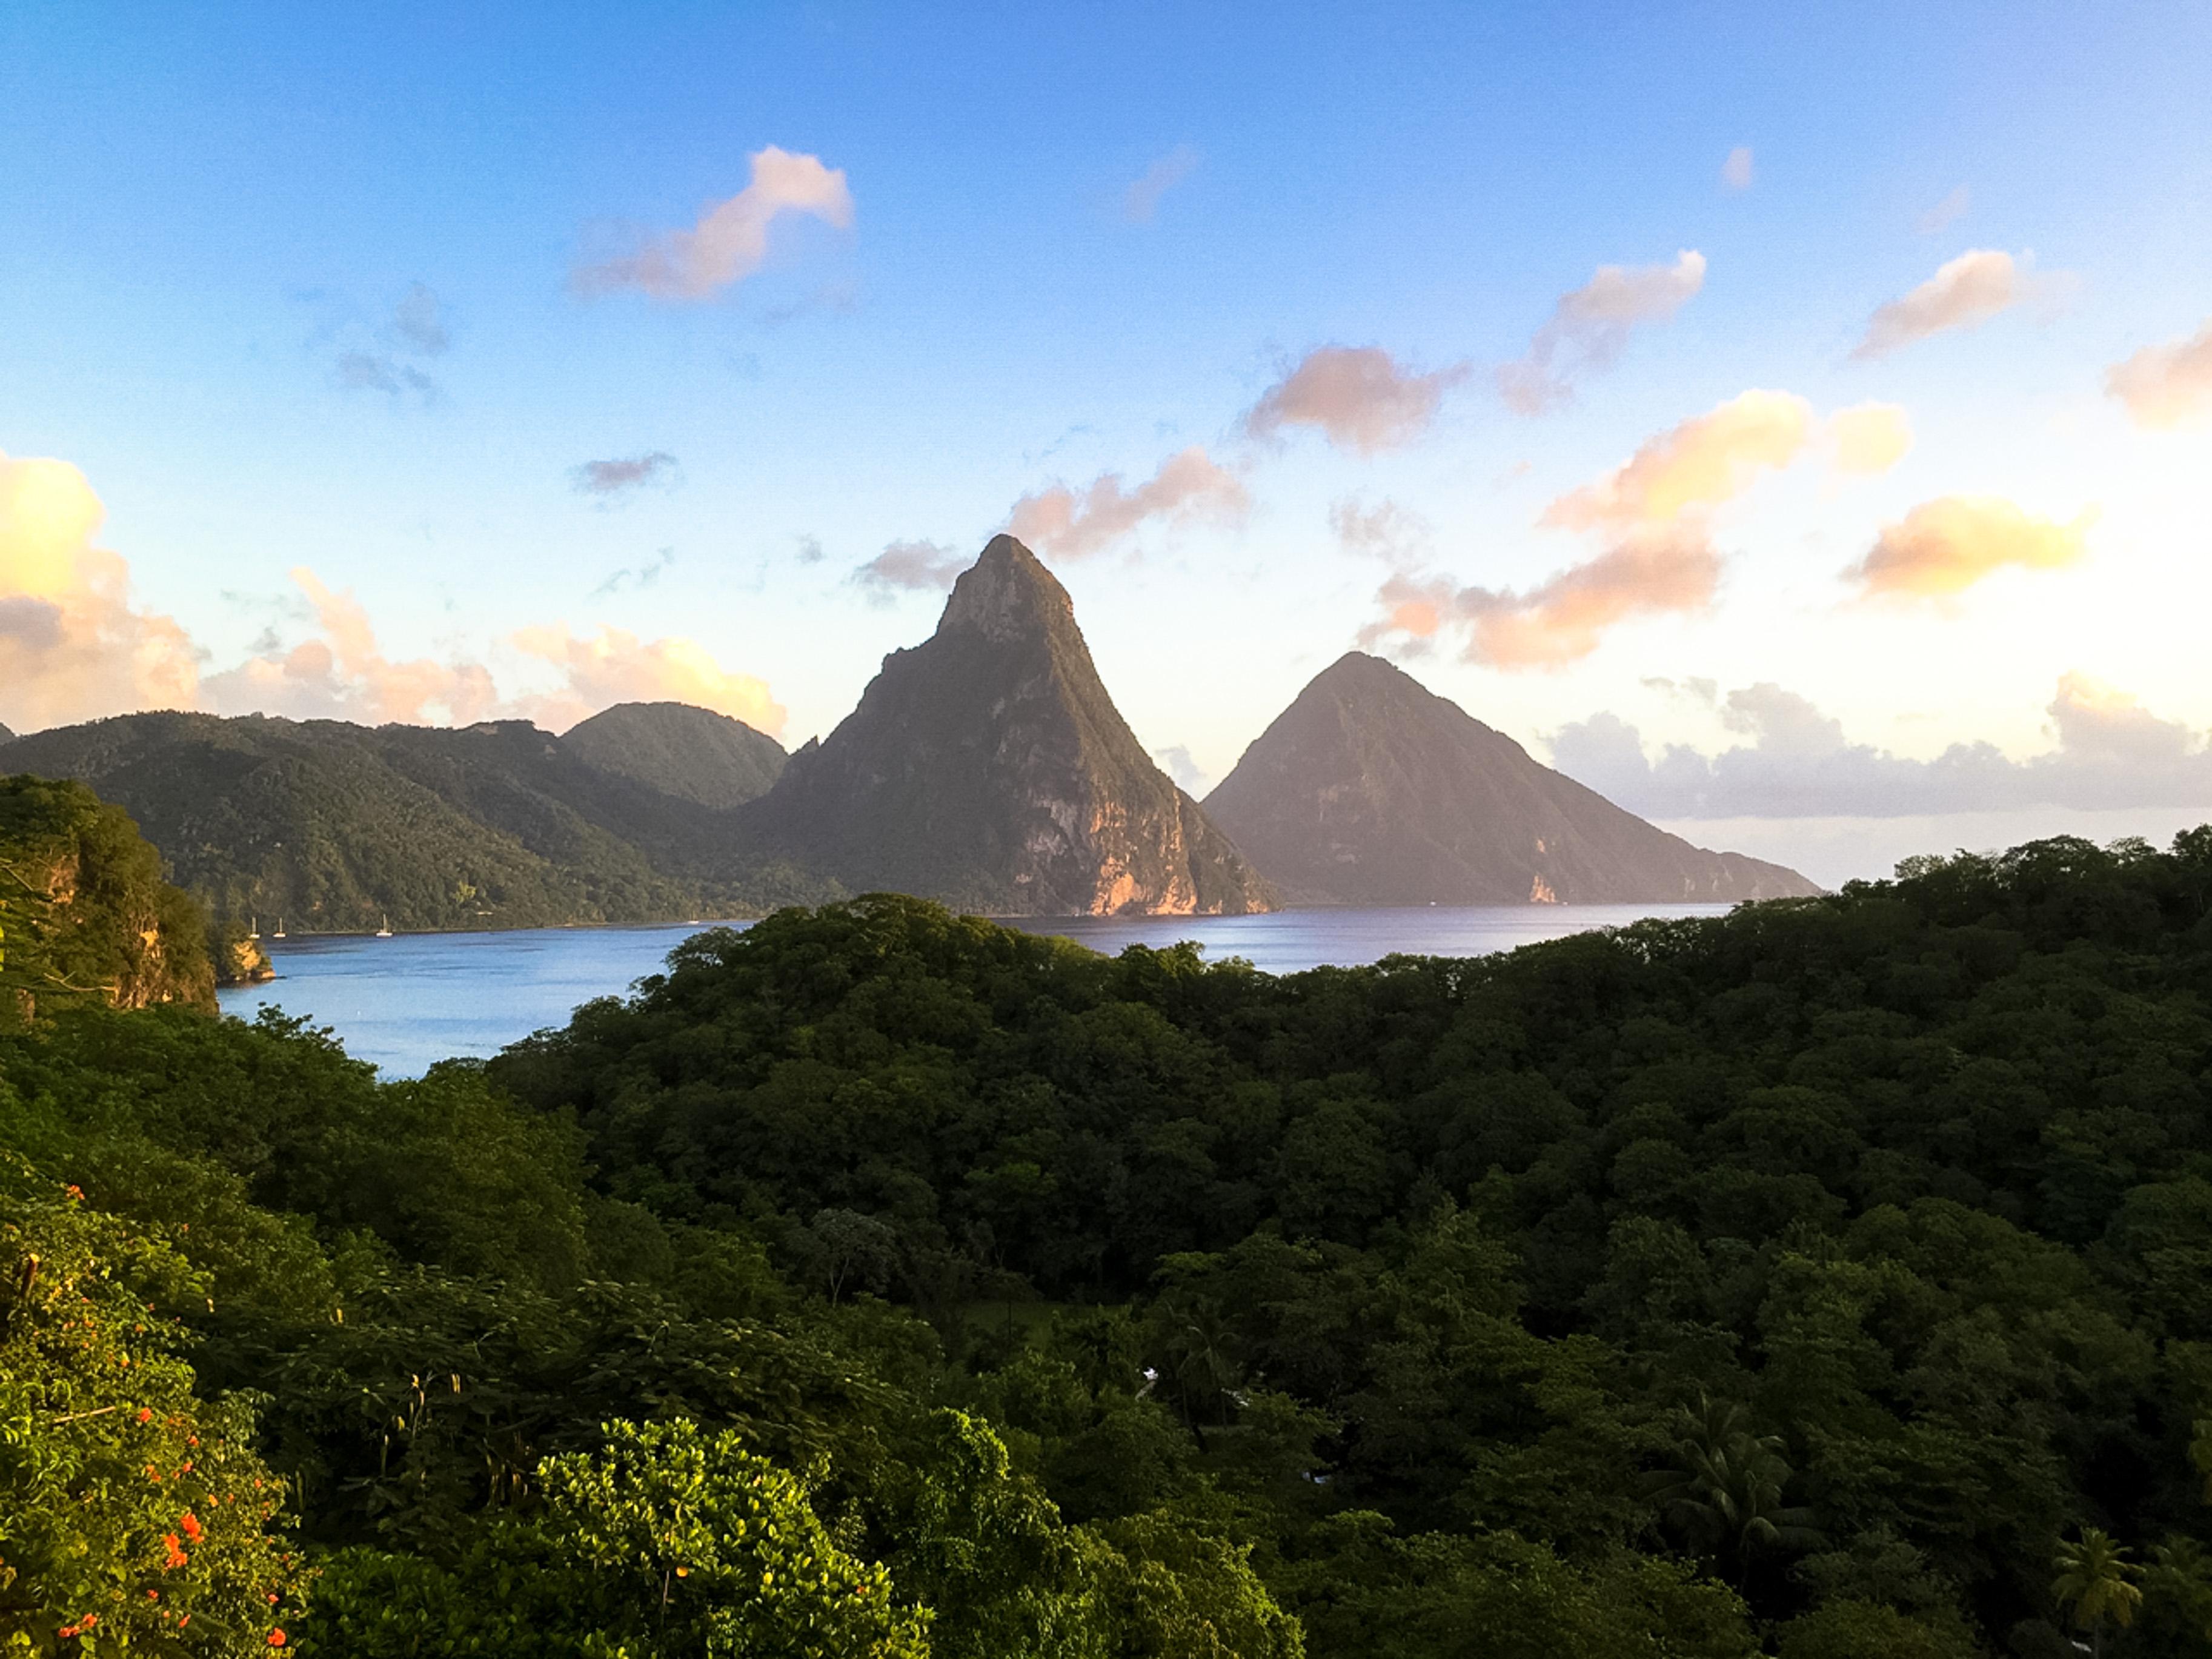 Die Pitons auf St. Lucia, die schönsten Berge der Karibik, Mietwagen auf St. Lucia